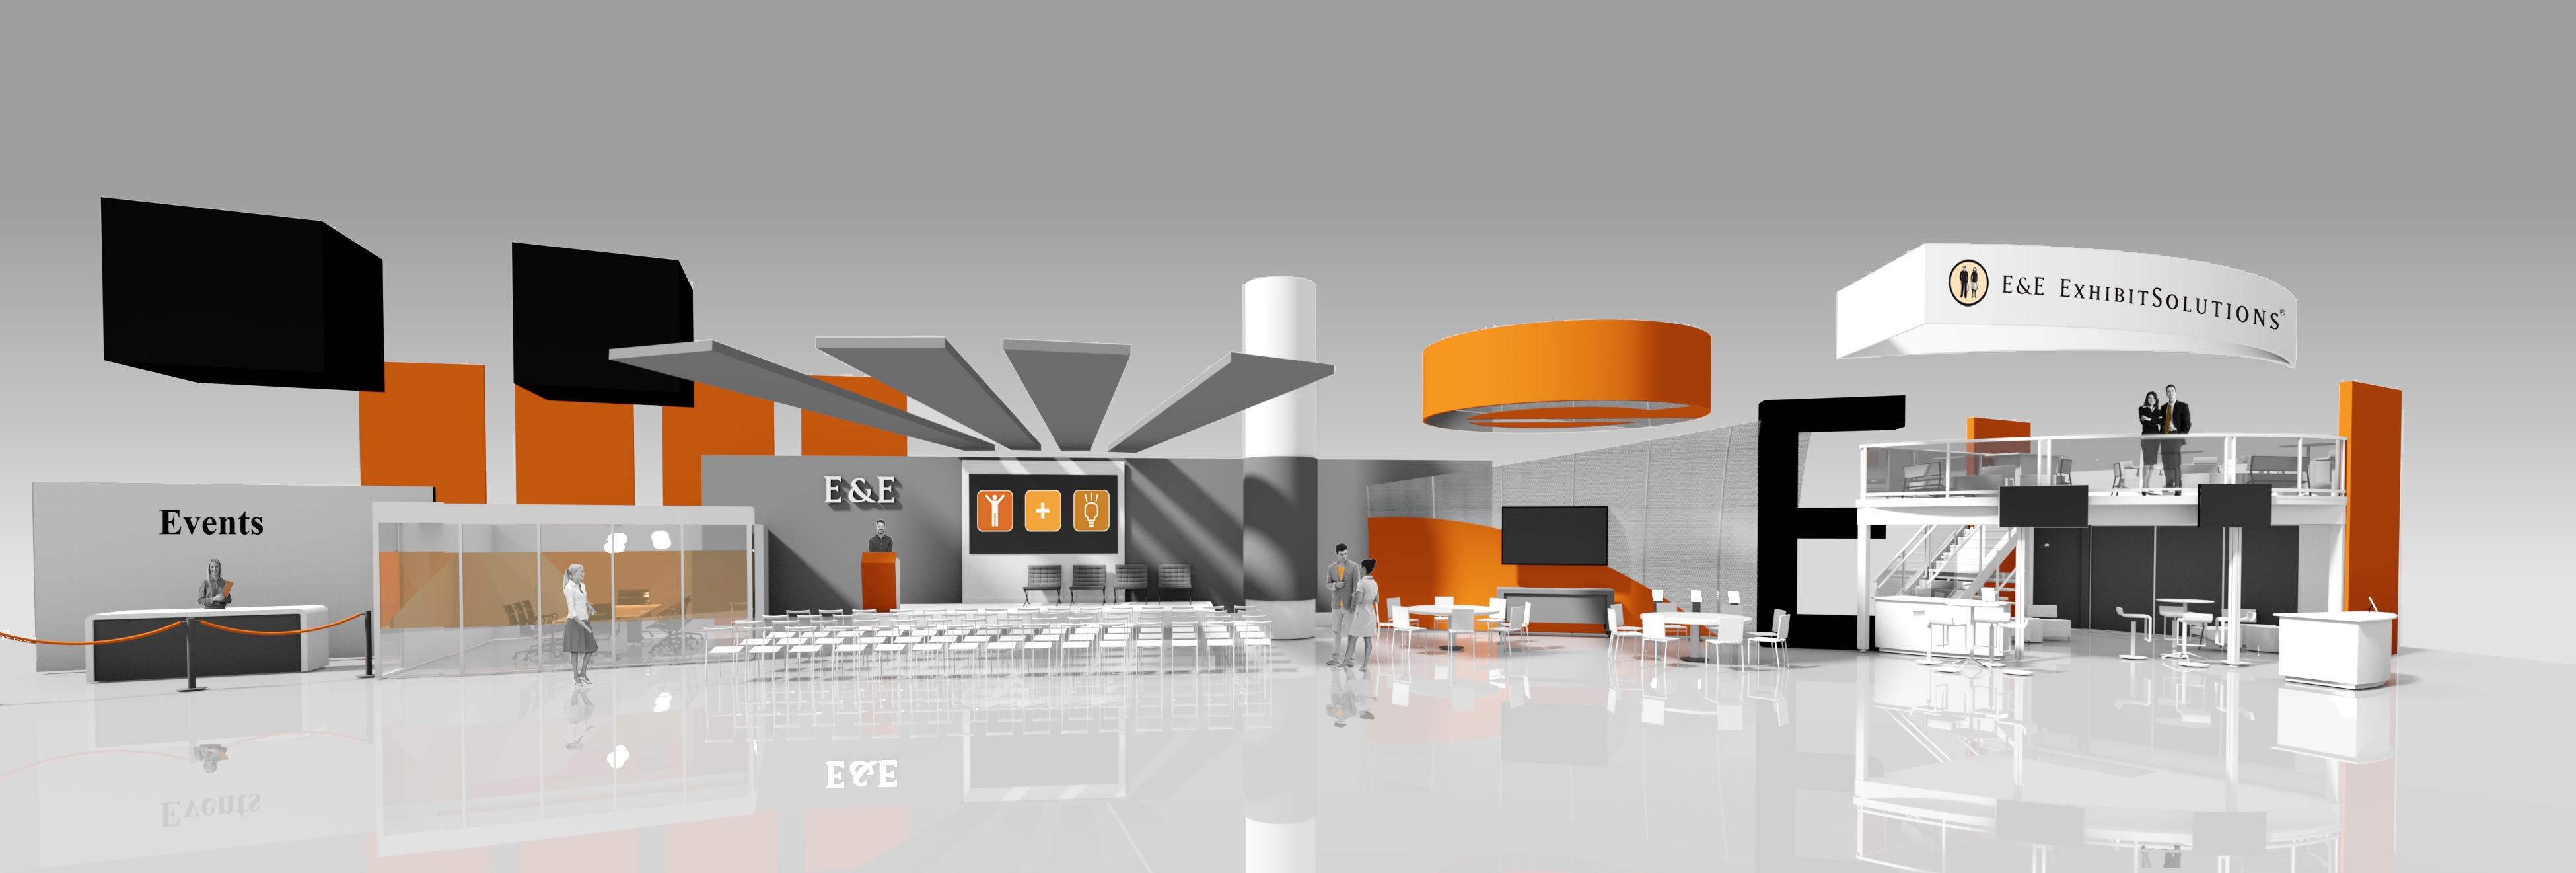 Corporate Event Design Company